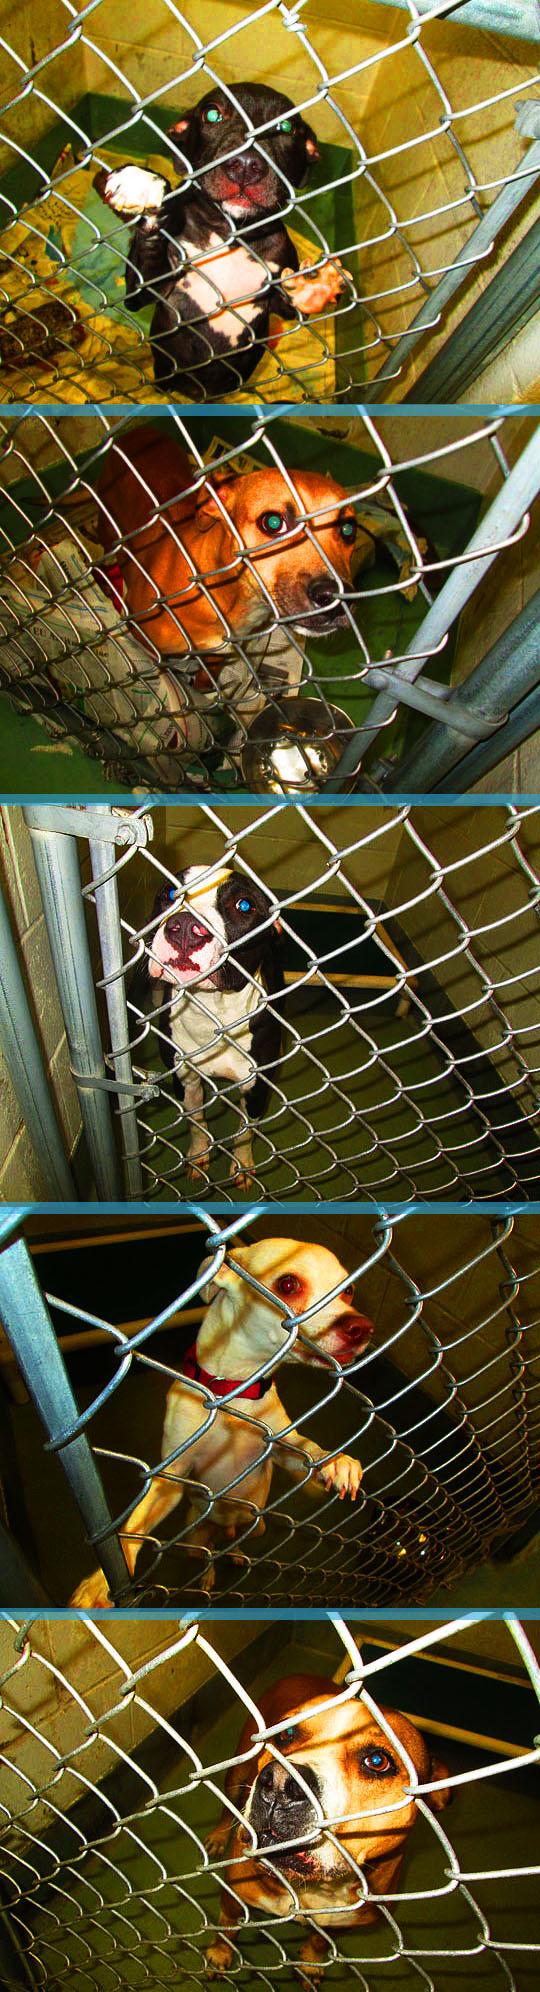 9. dogs_sept13-17.jpg